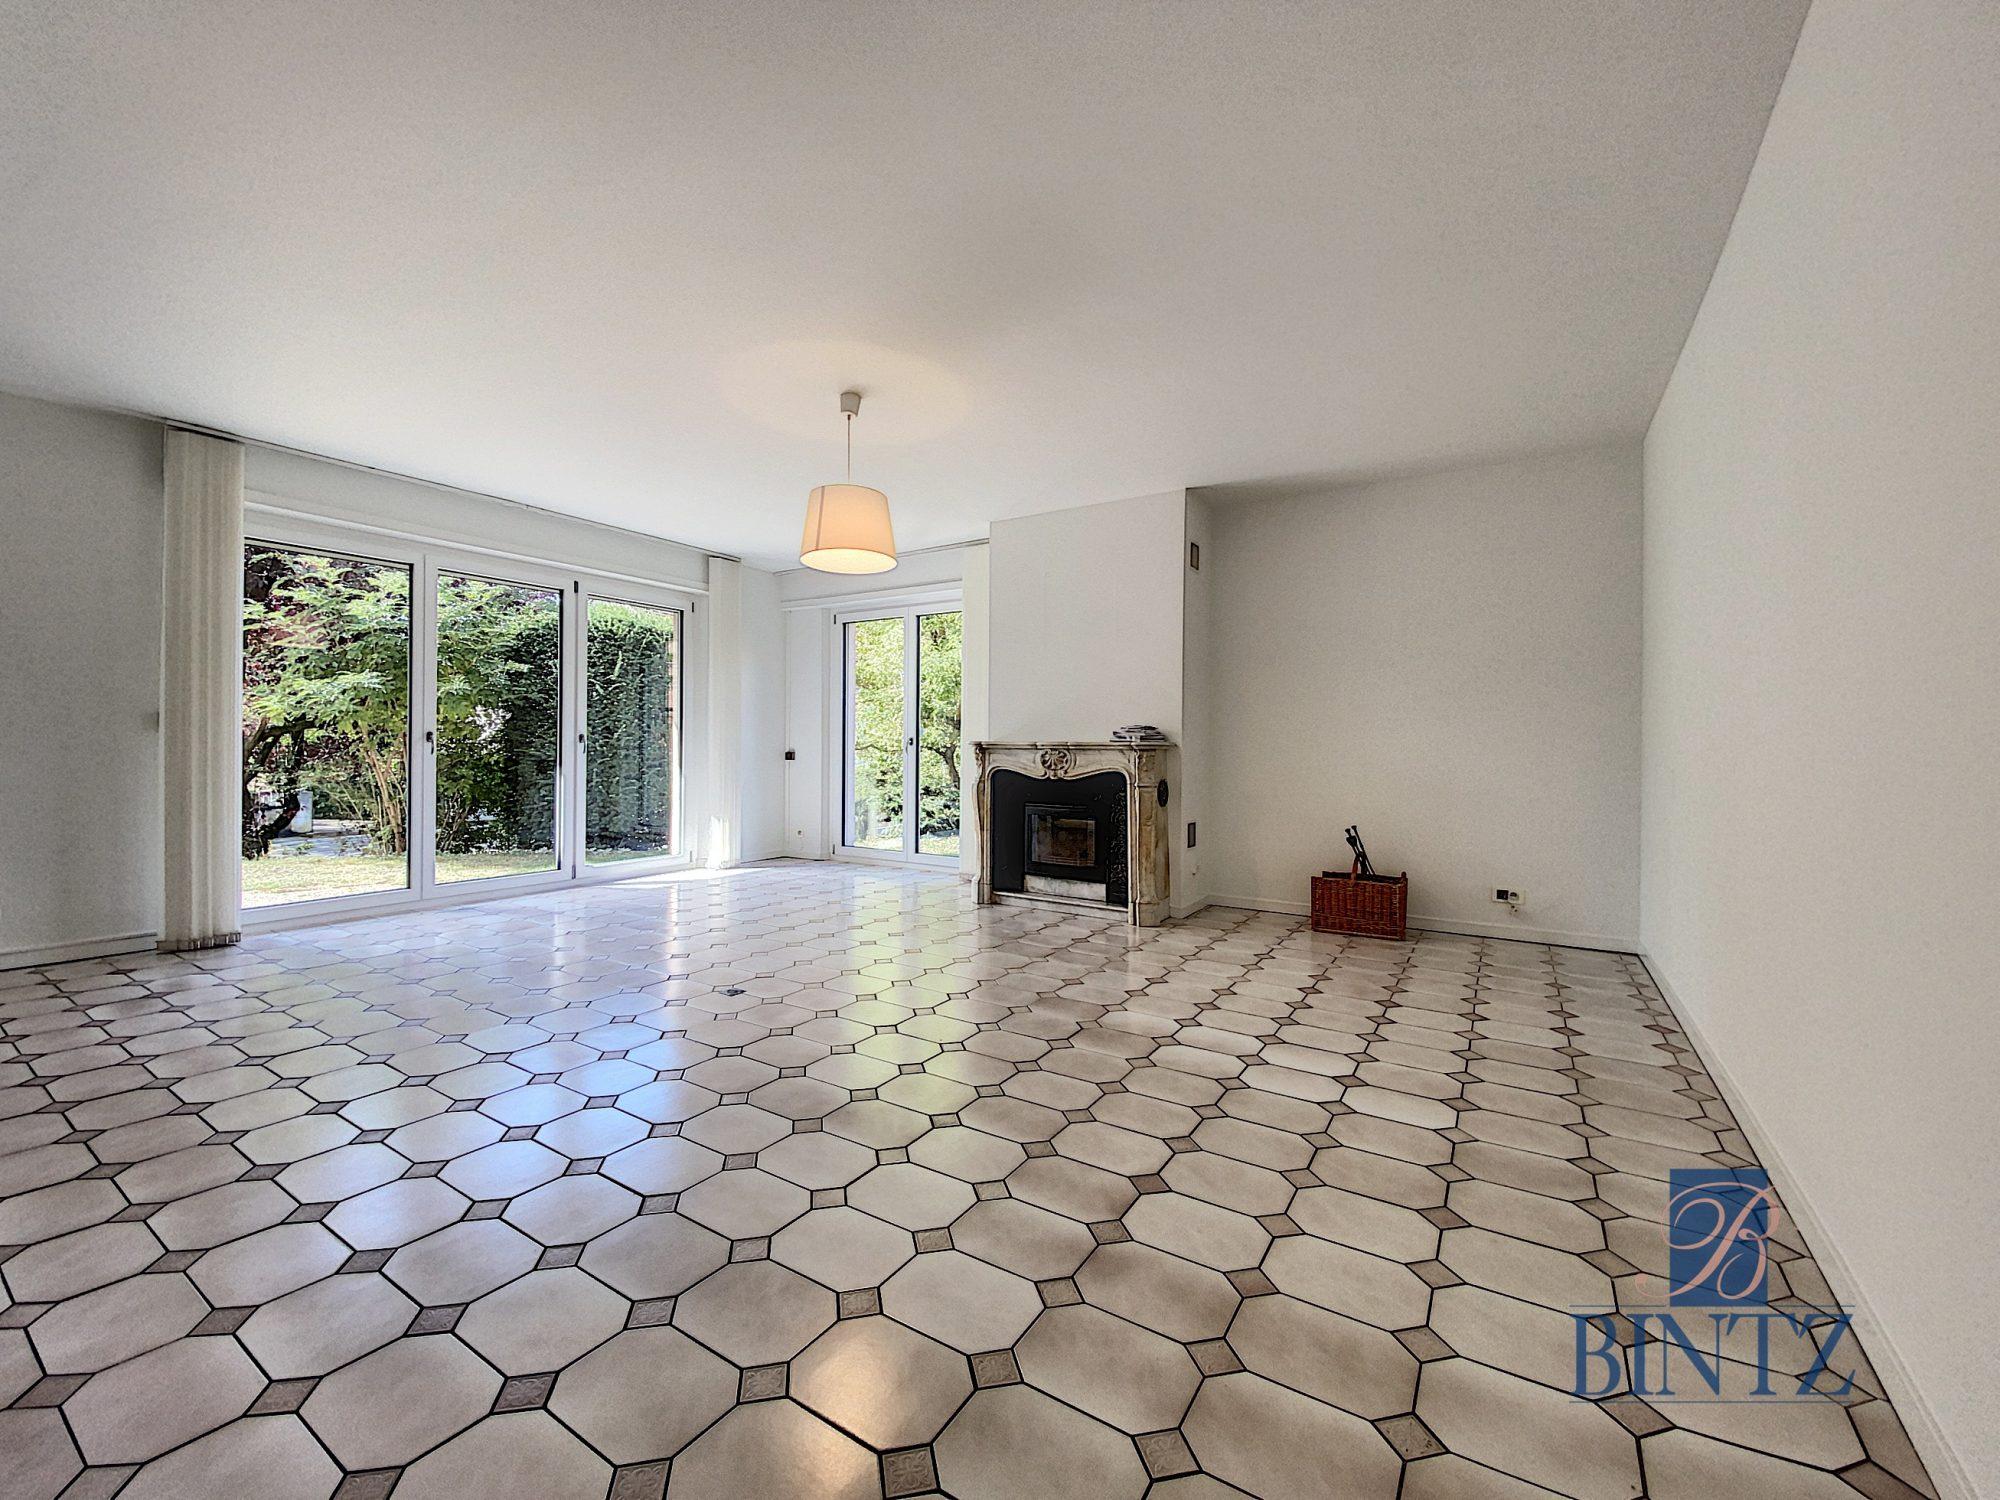 MAISON A LOUER ROBERTSAU - Devenez locataire en toute sérénité - Bintz Immobilier - 2